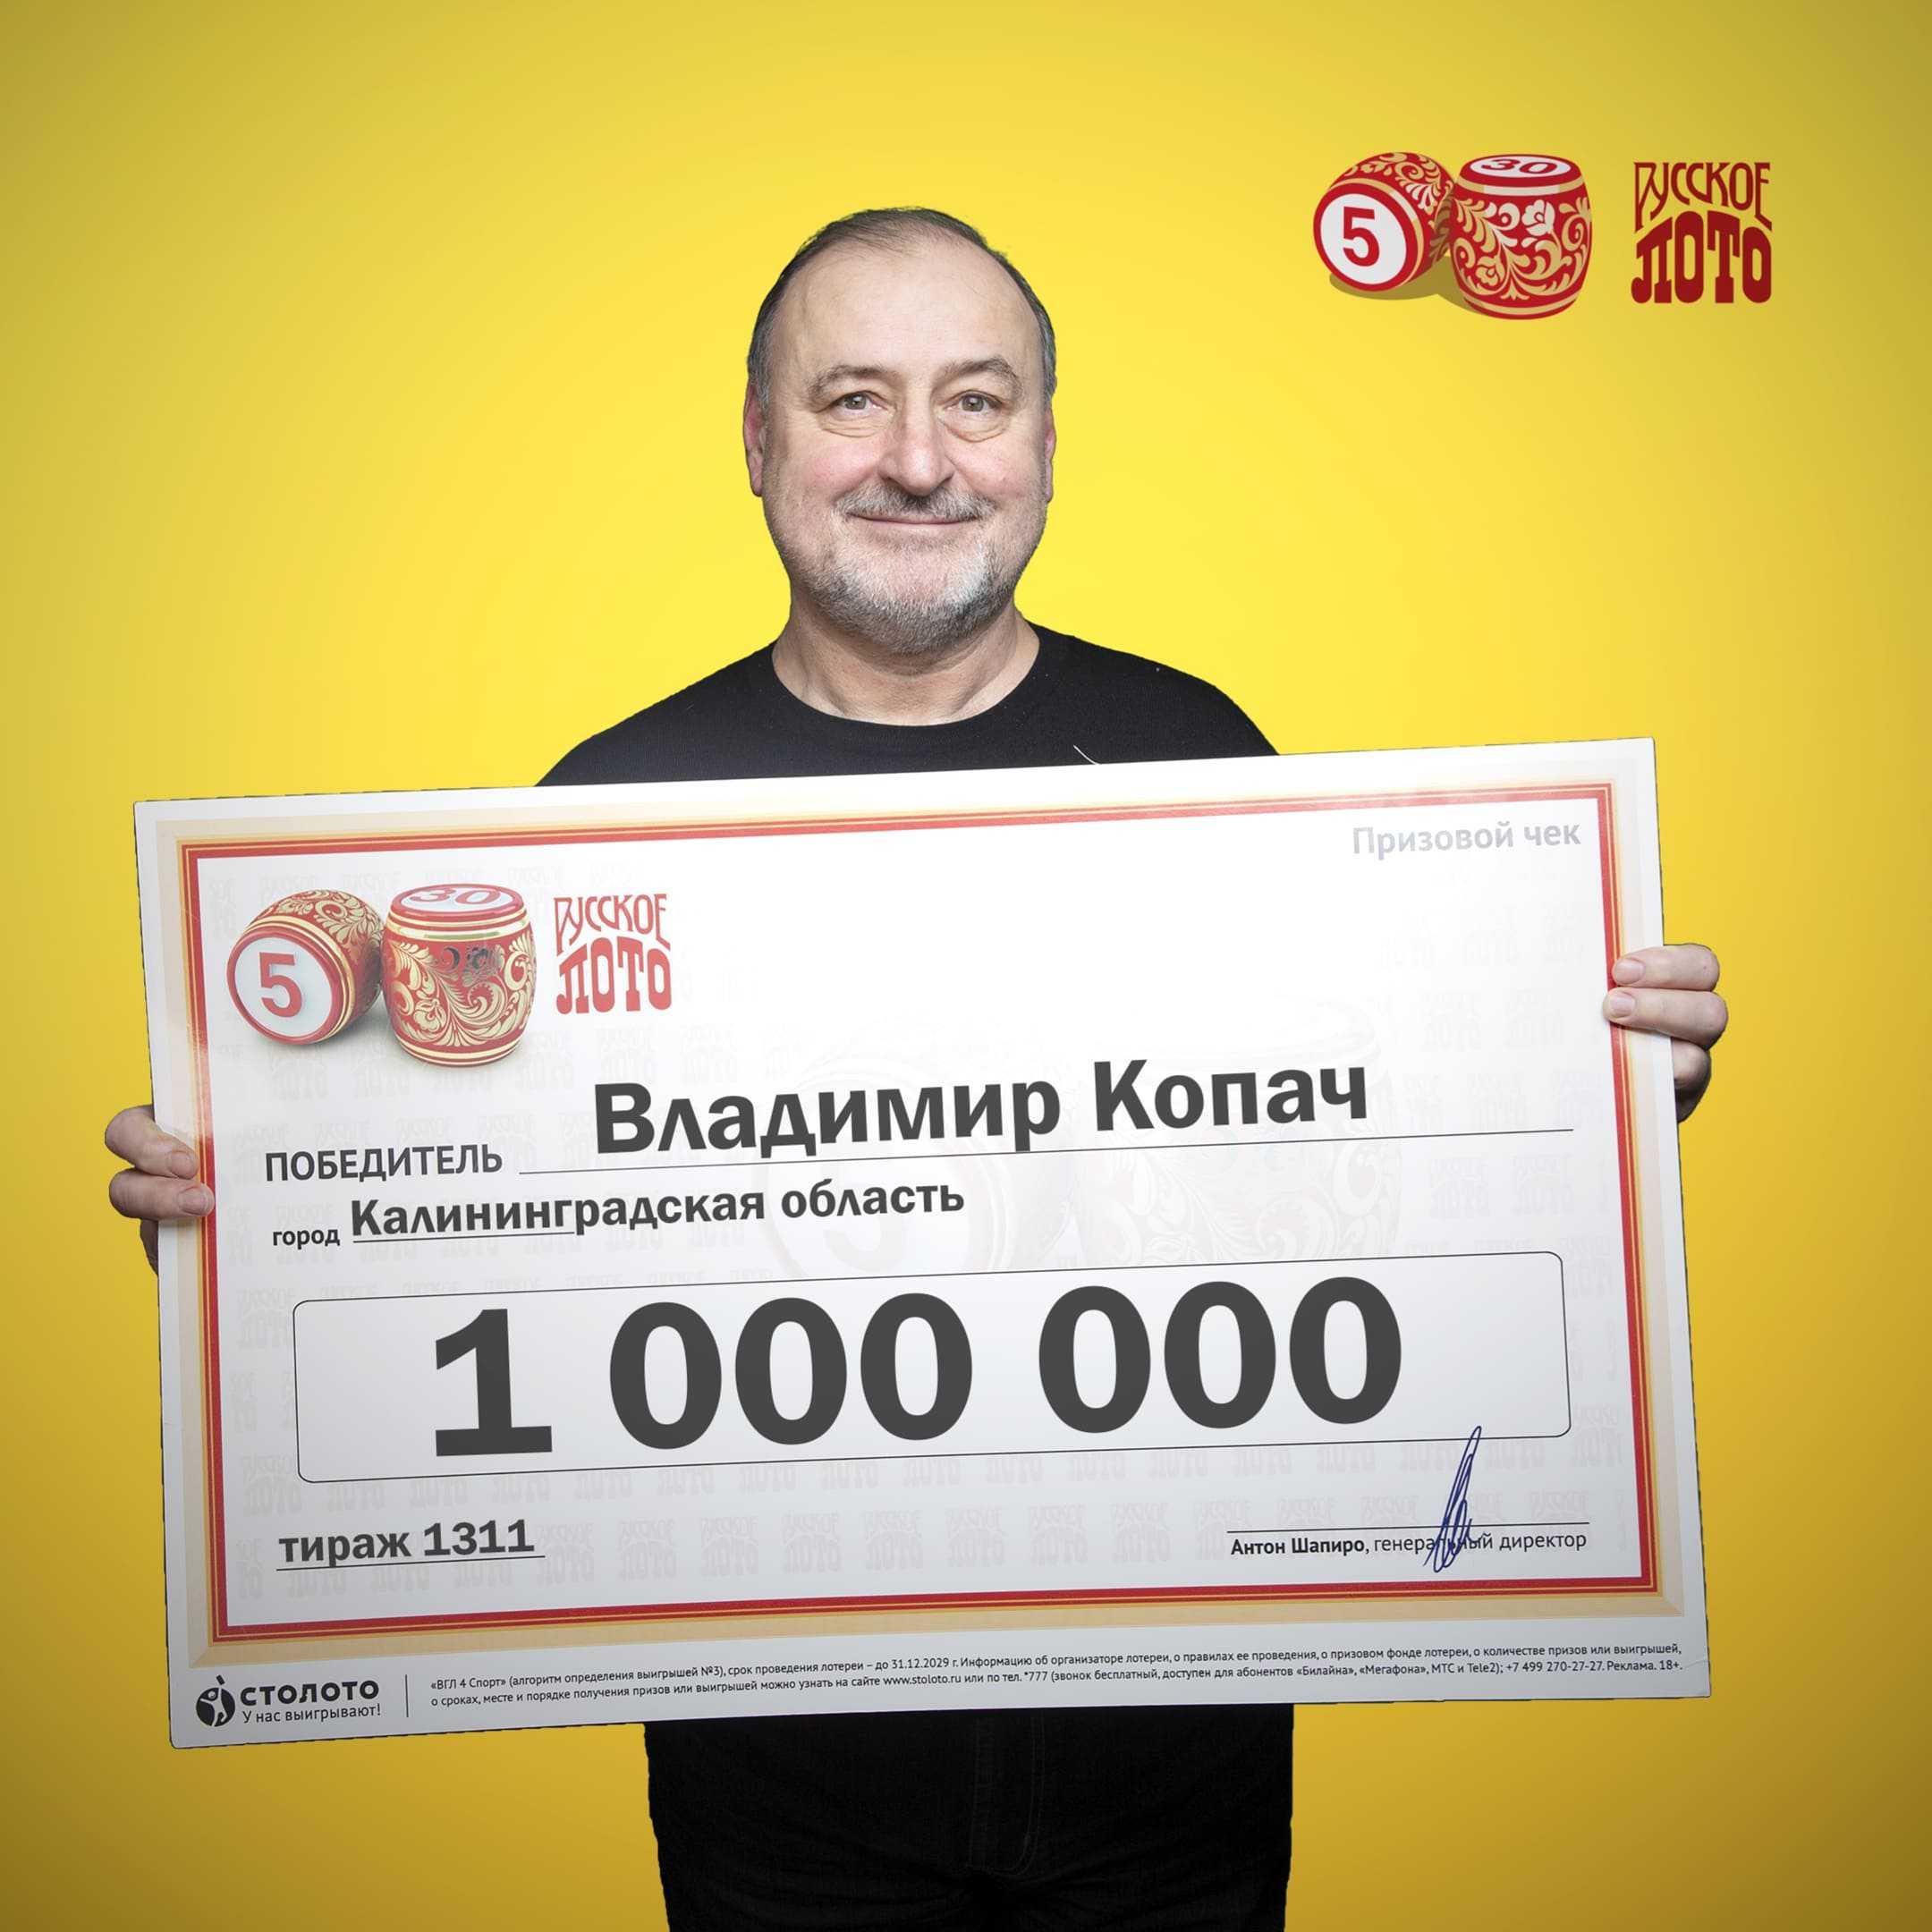 Подборка историй о людях выигравших в лотерею, как сложилась их судьба и другие интересные факты